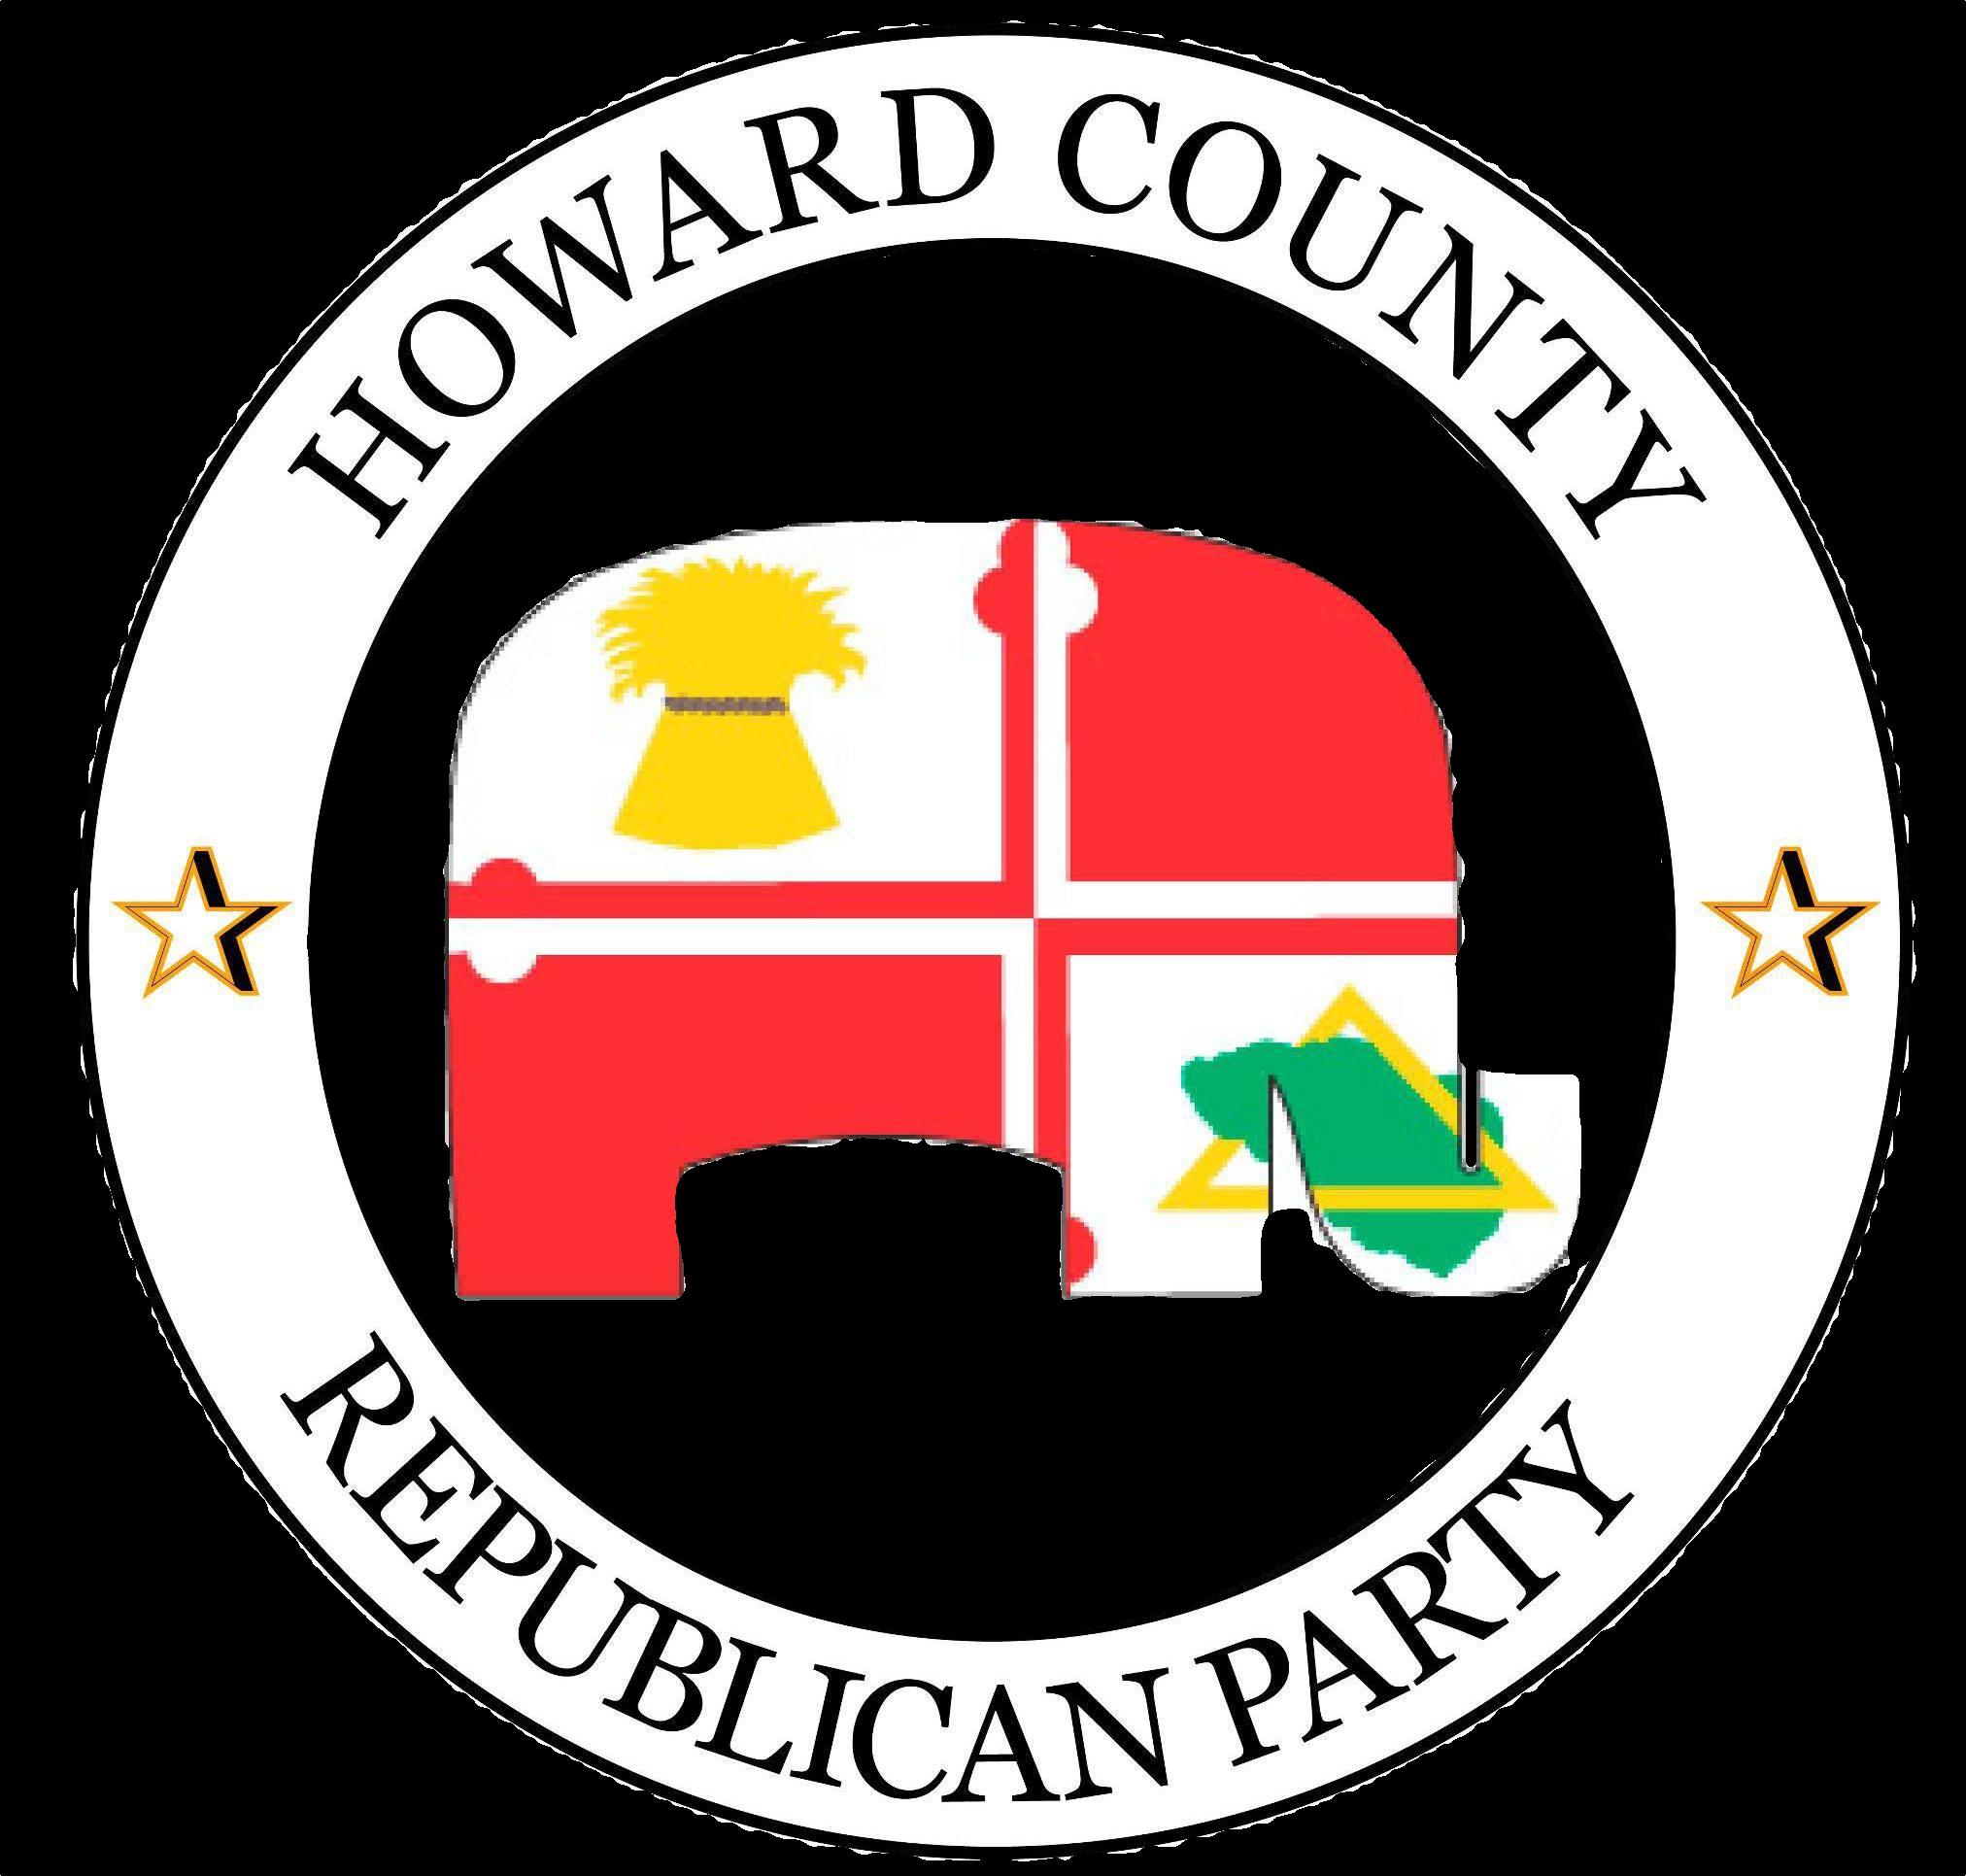 Politics clipart gop. Howard county republican central